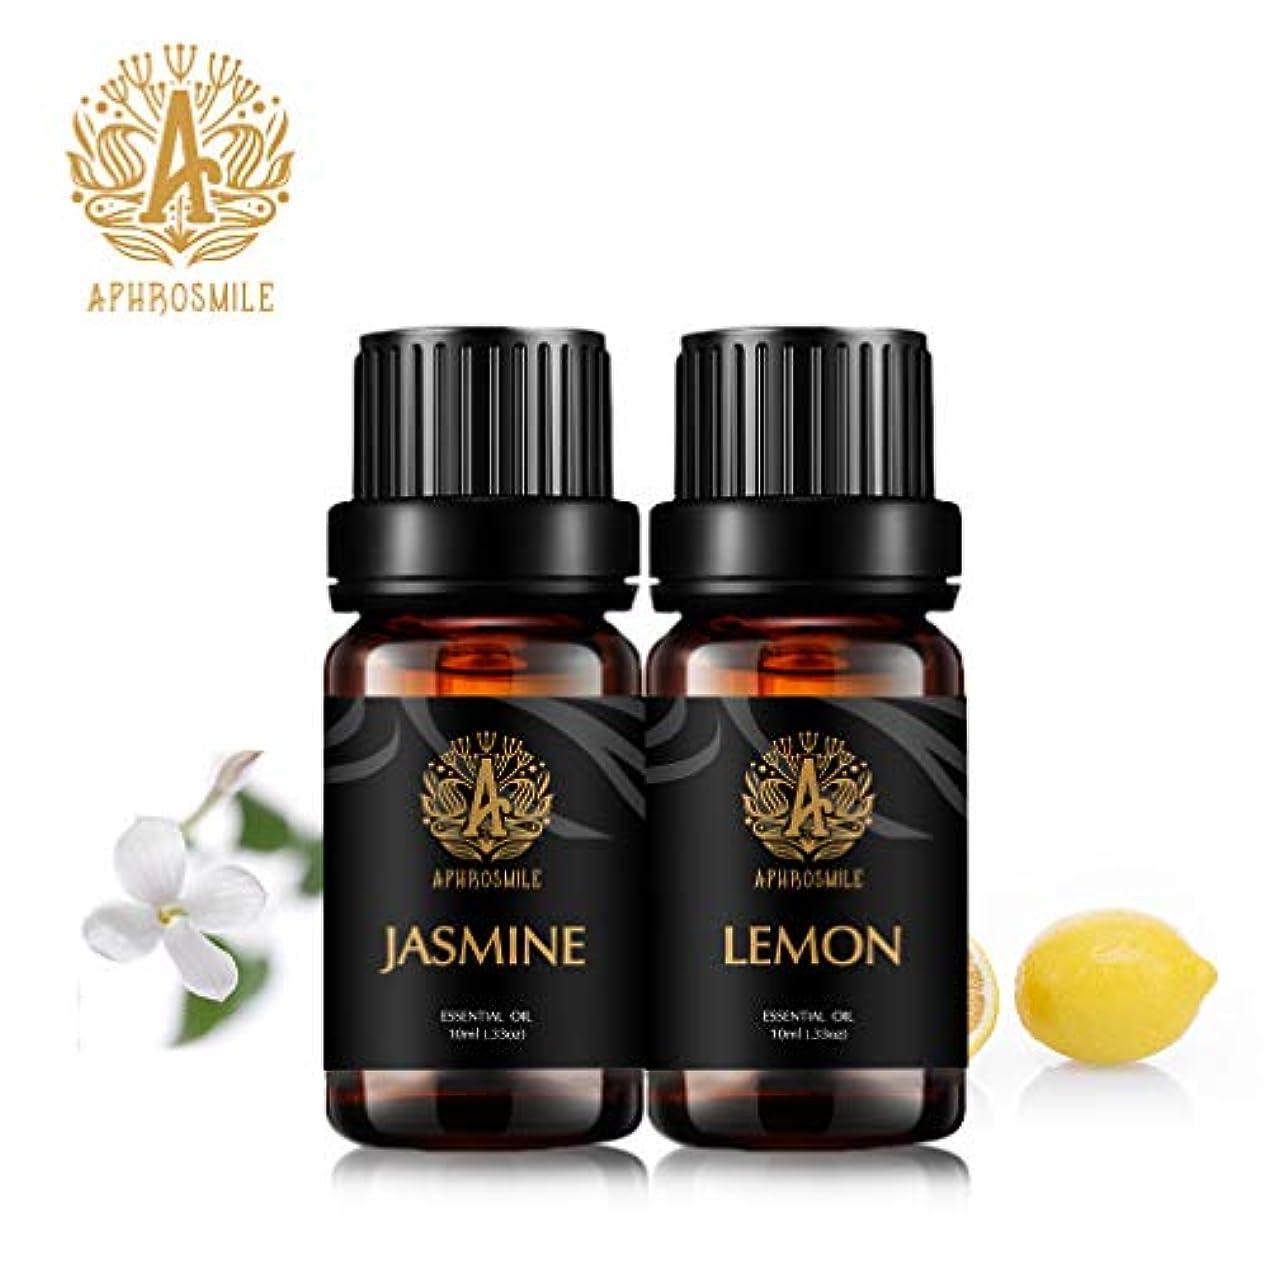 大気実際ラップAPHORSMILE JP 100% 純粋と天然の精油、レモン/ジャスミン、2 /10mlボトル - 【エッセンシャルオイル】、アロマテラピー/デイリーケア可能